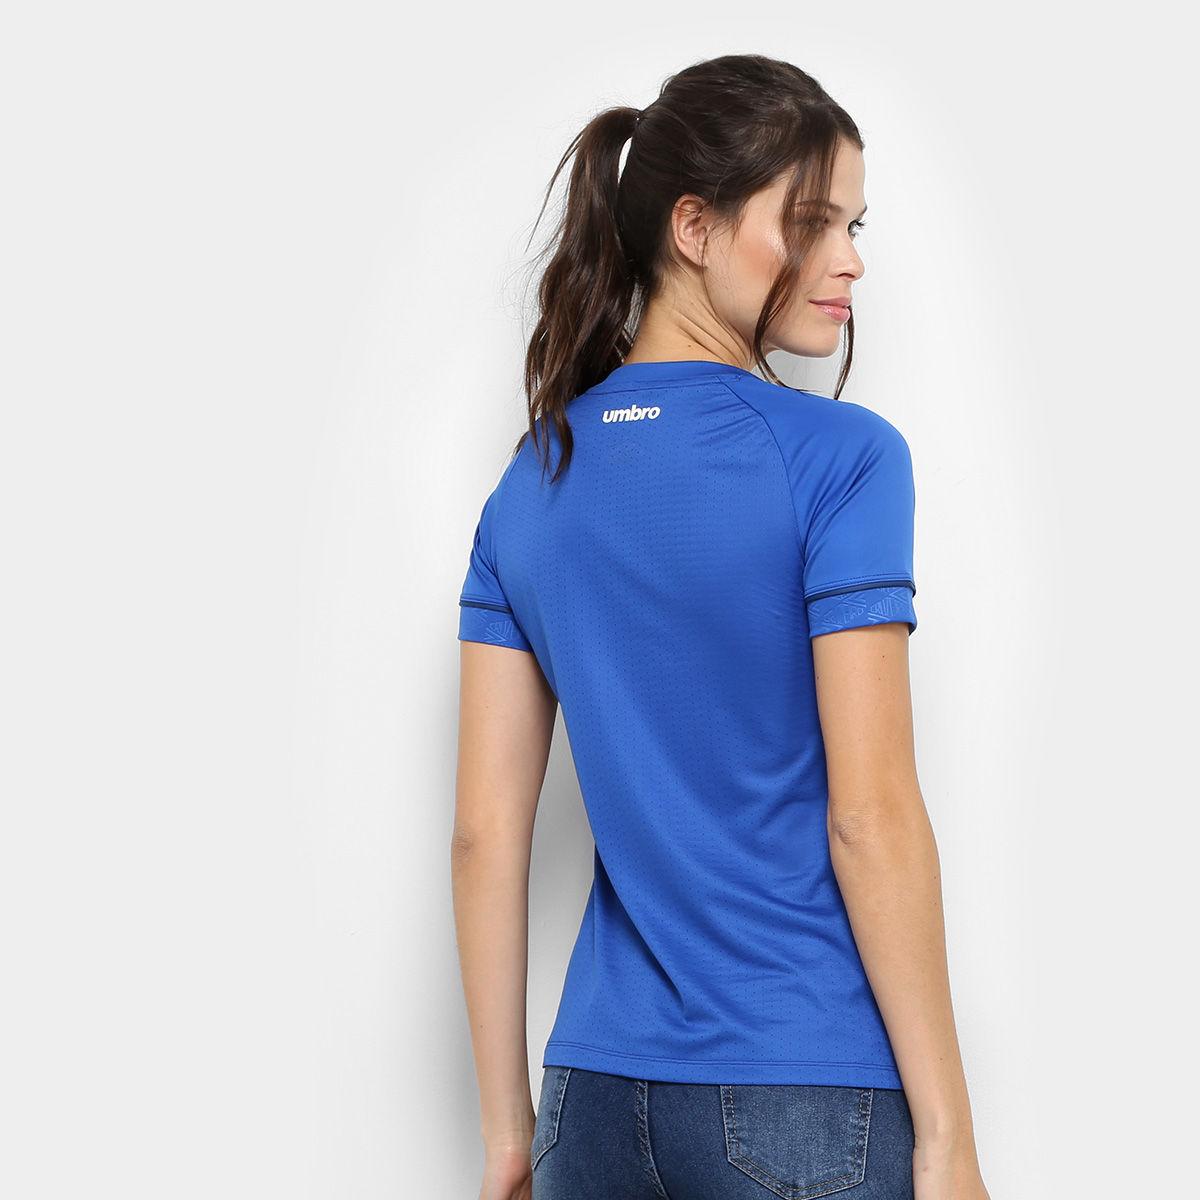 347b671ccb843 Camisa Cruzeiro 2018 I S Nº Umbro Feminina - Azul com patrocínio ...